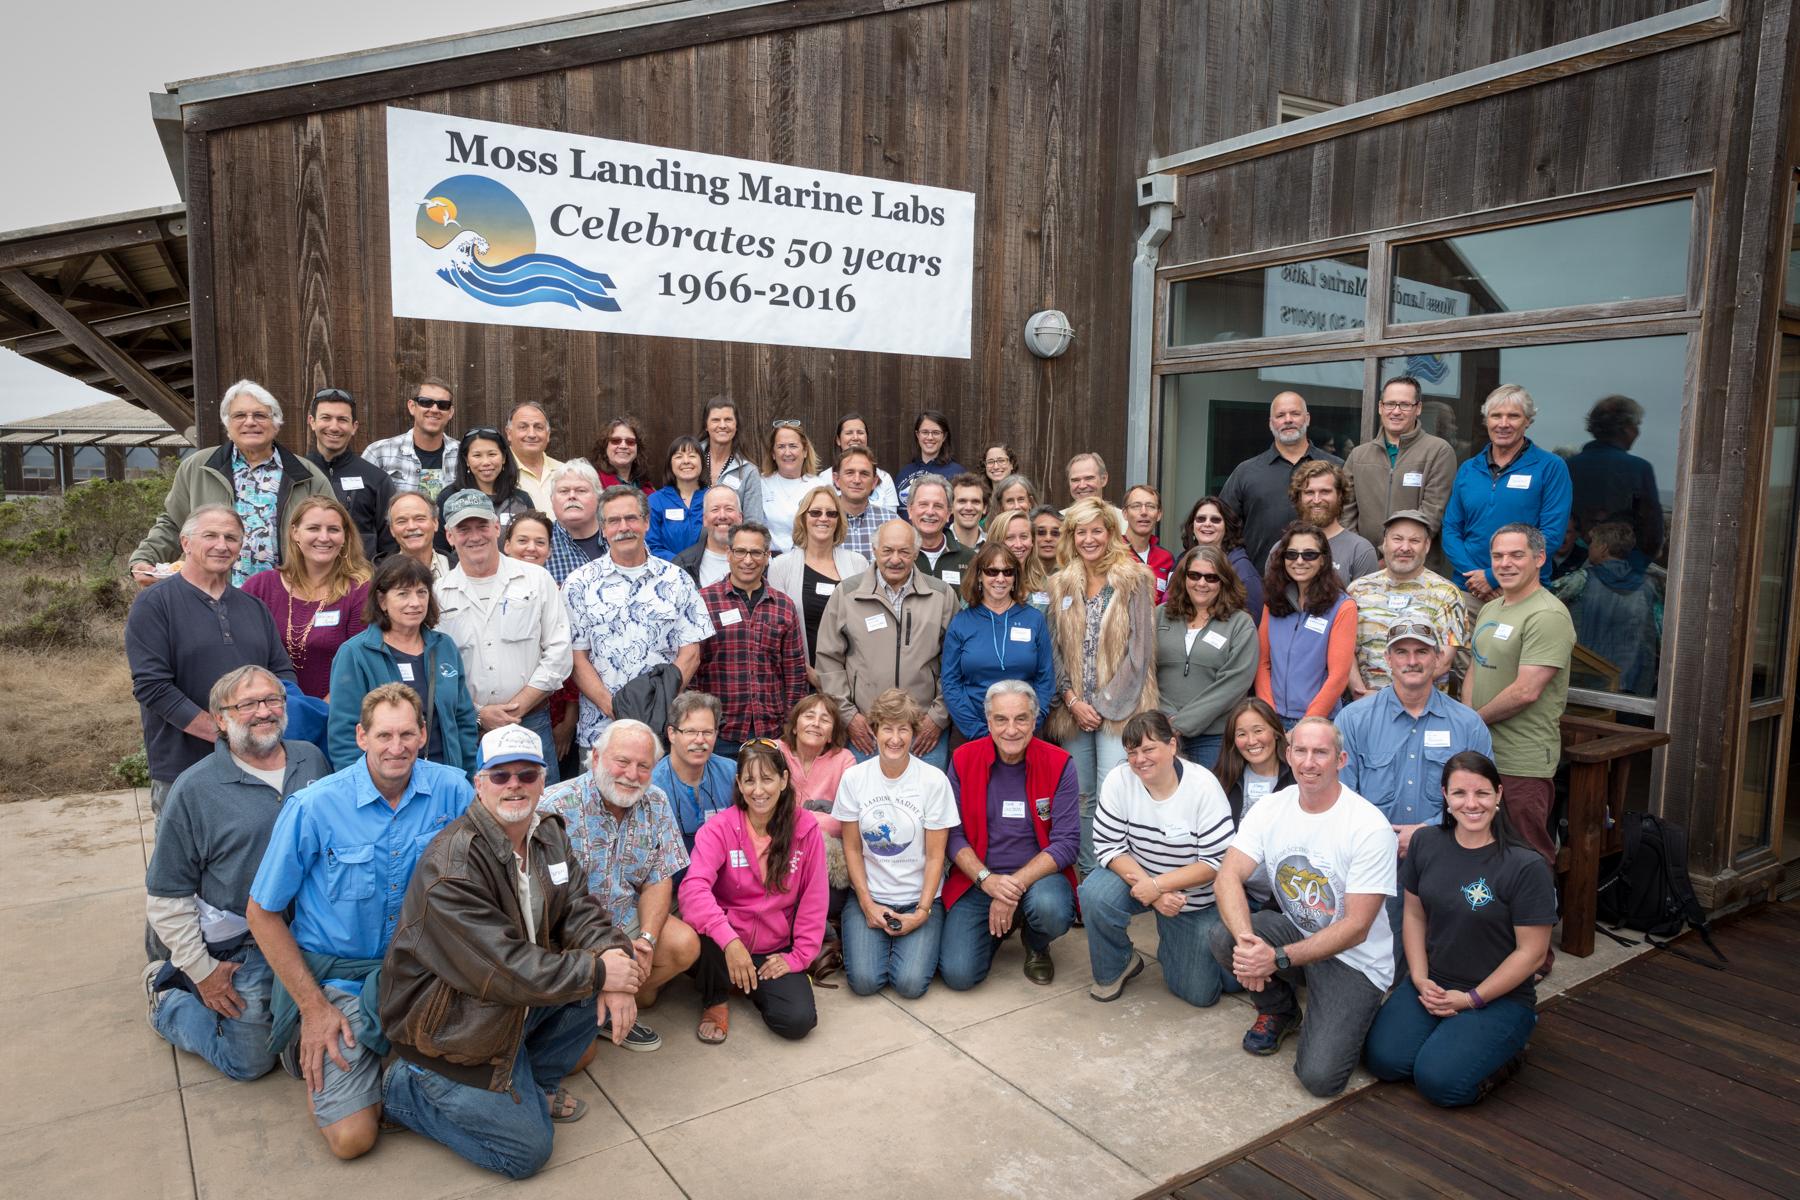 mlml-50th-anniversary-dschmitz-080616-286_Ichthyology